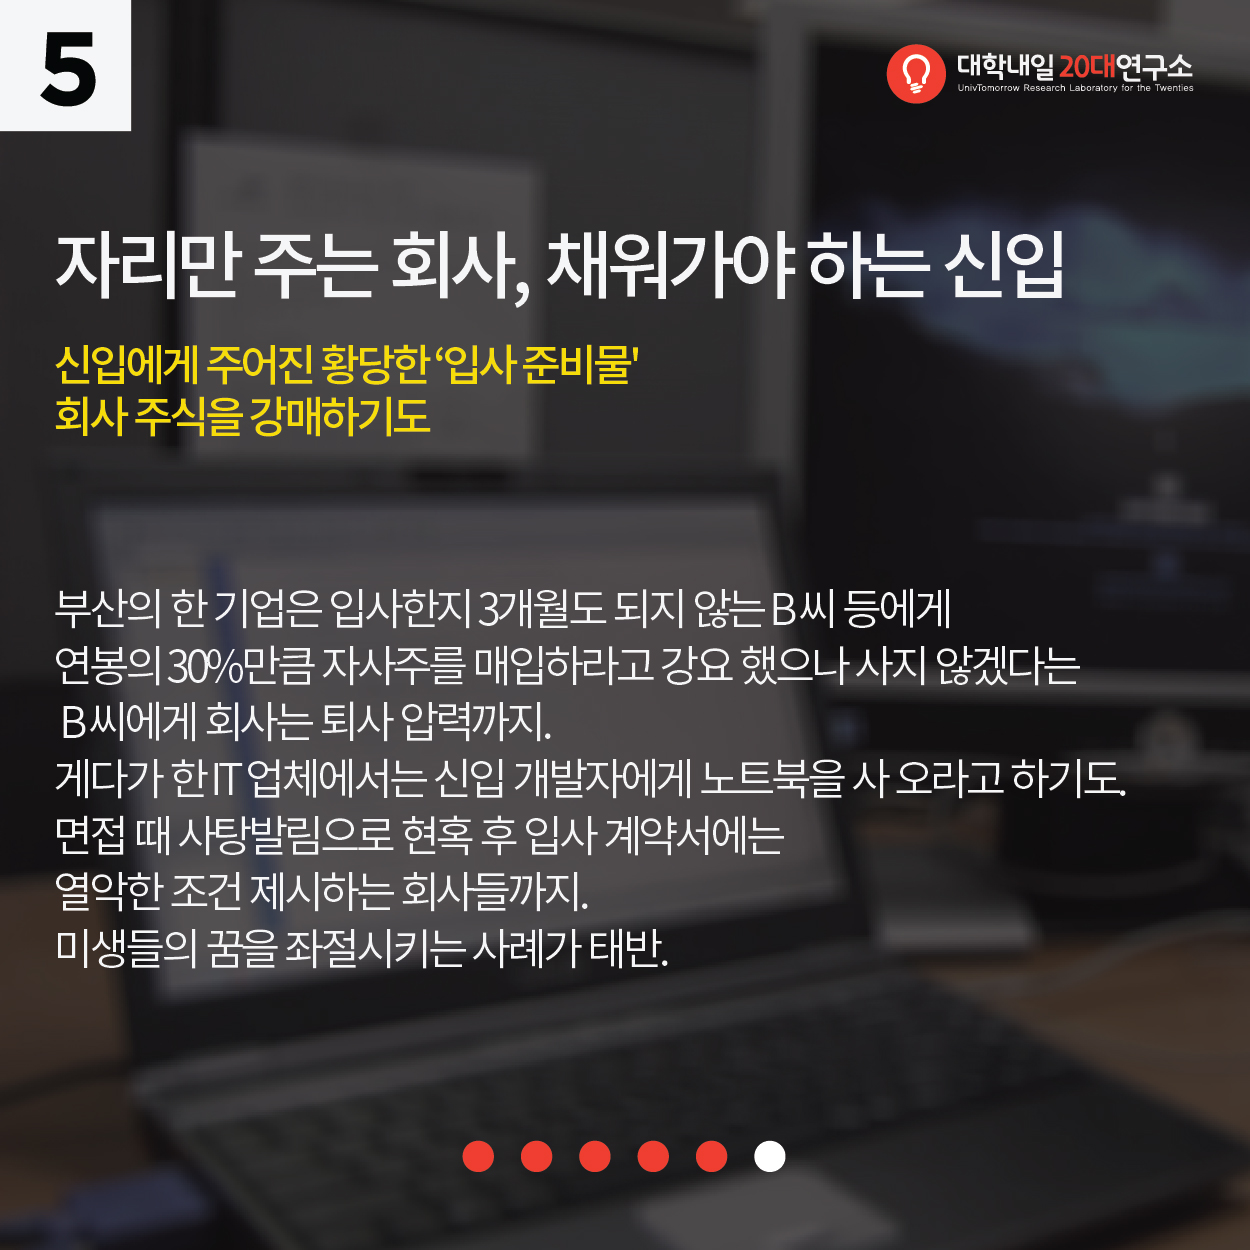 20대뉴스-2월-06